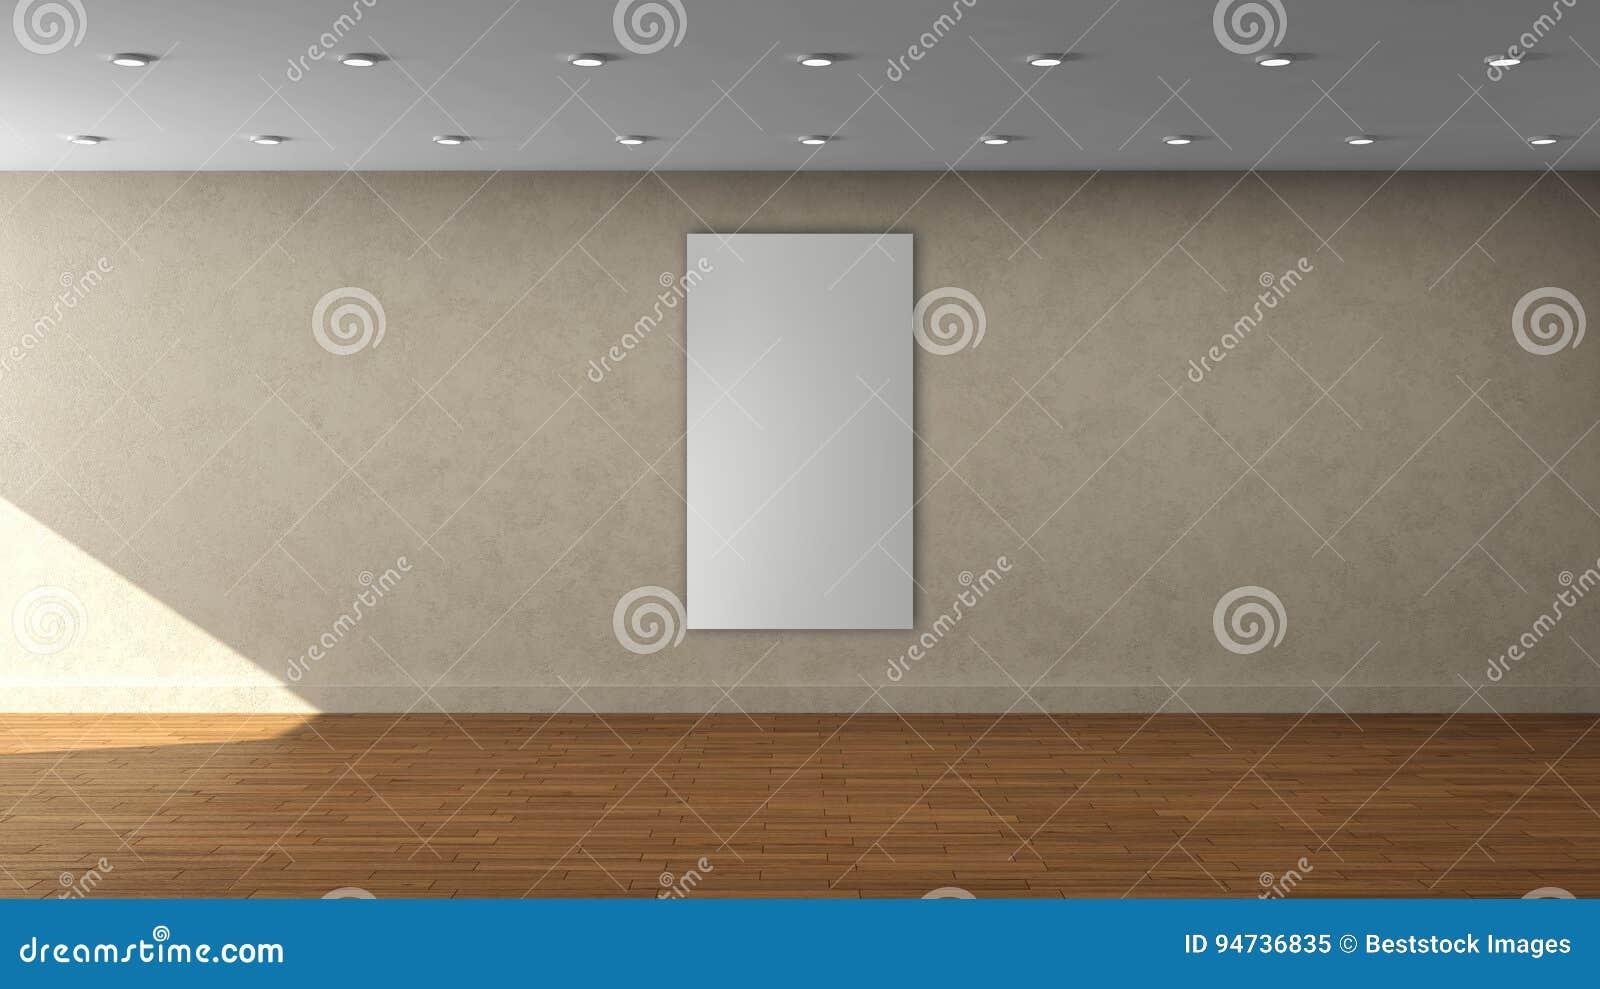 Шаблон высокой стены разрешения бежевой пустой внутренний с рамкой одиночного белого цвета вертикальной на передней стене